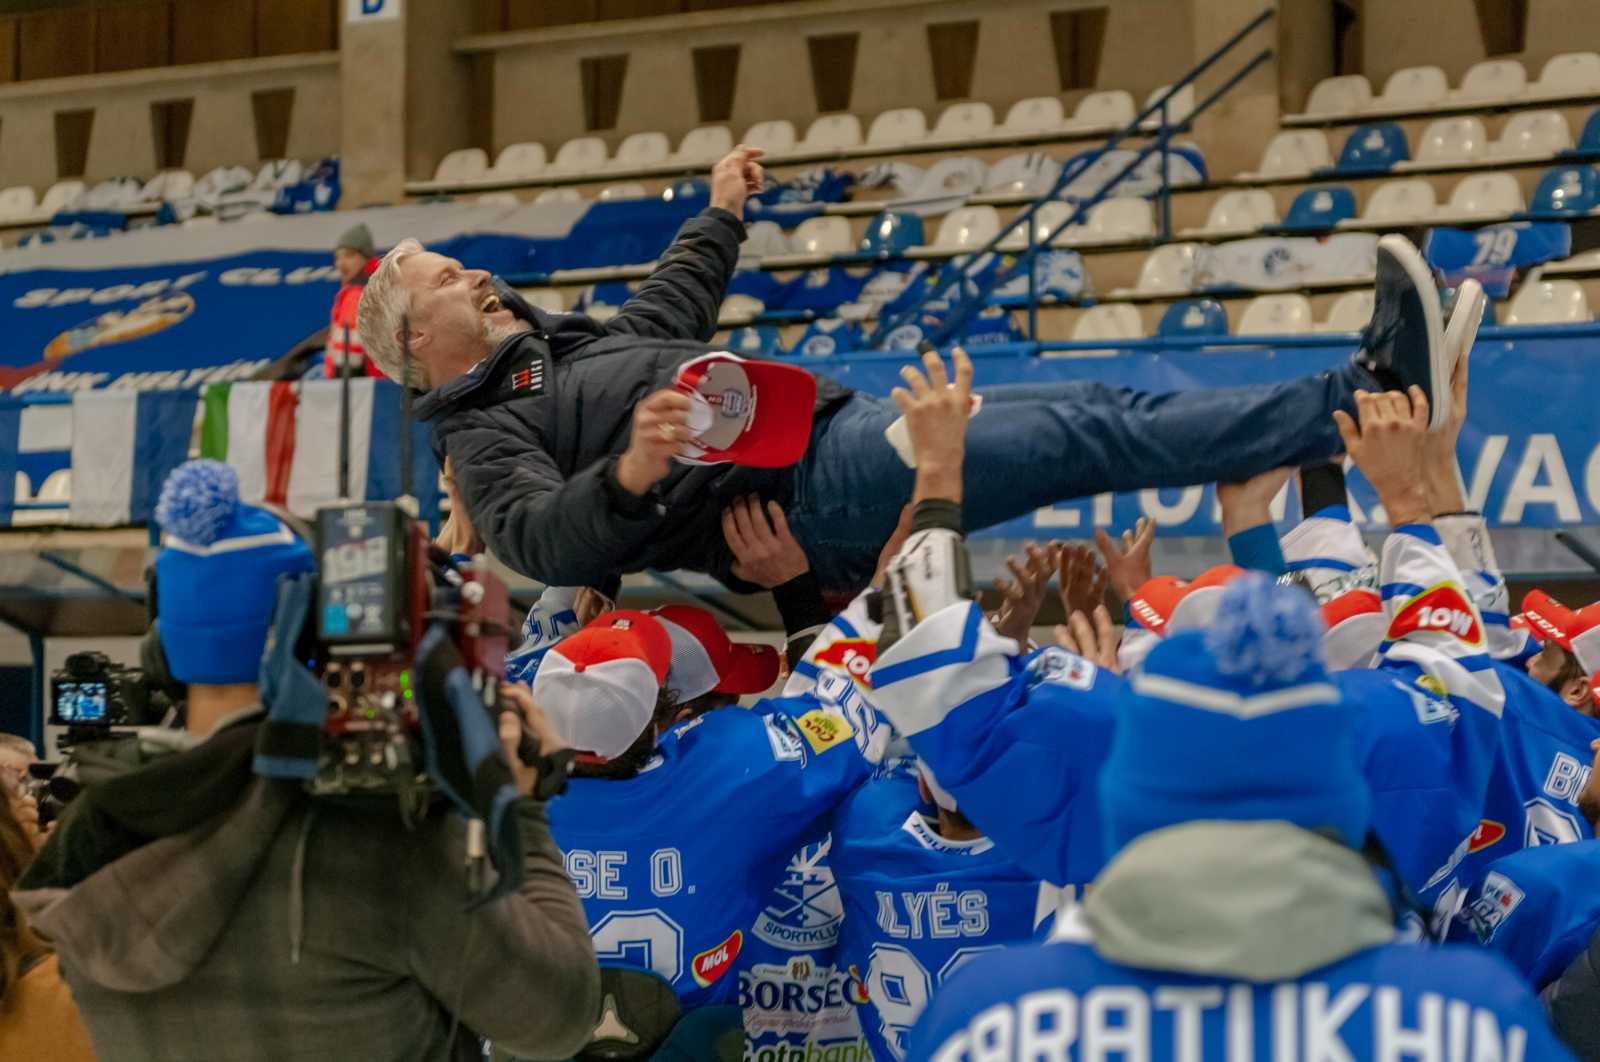 Jason Morgan, a Sportklub vezetőedzője a levegőben.